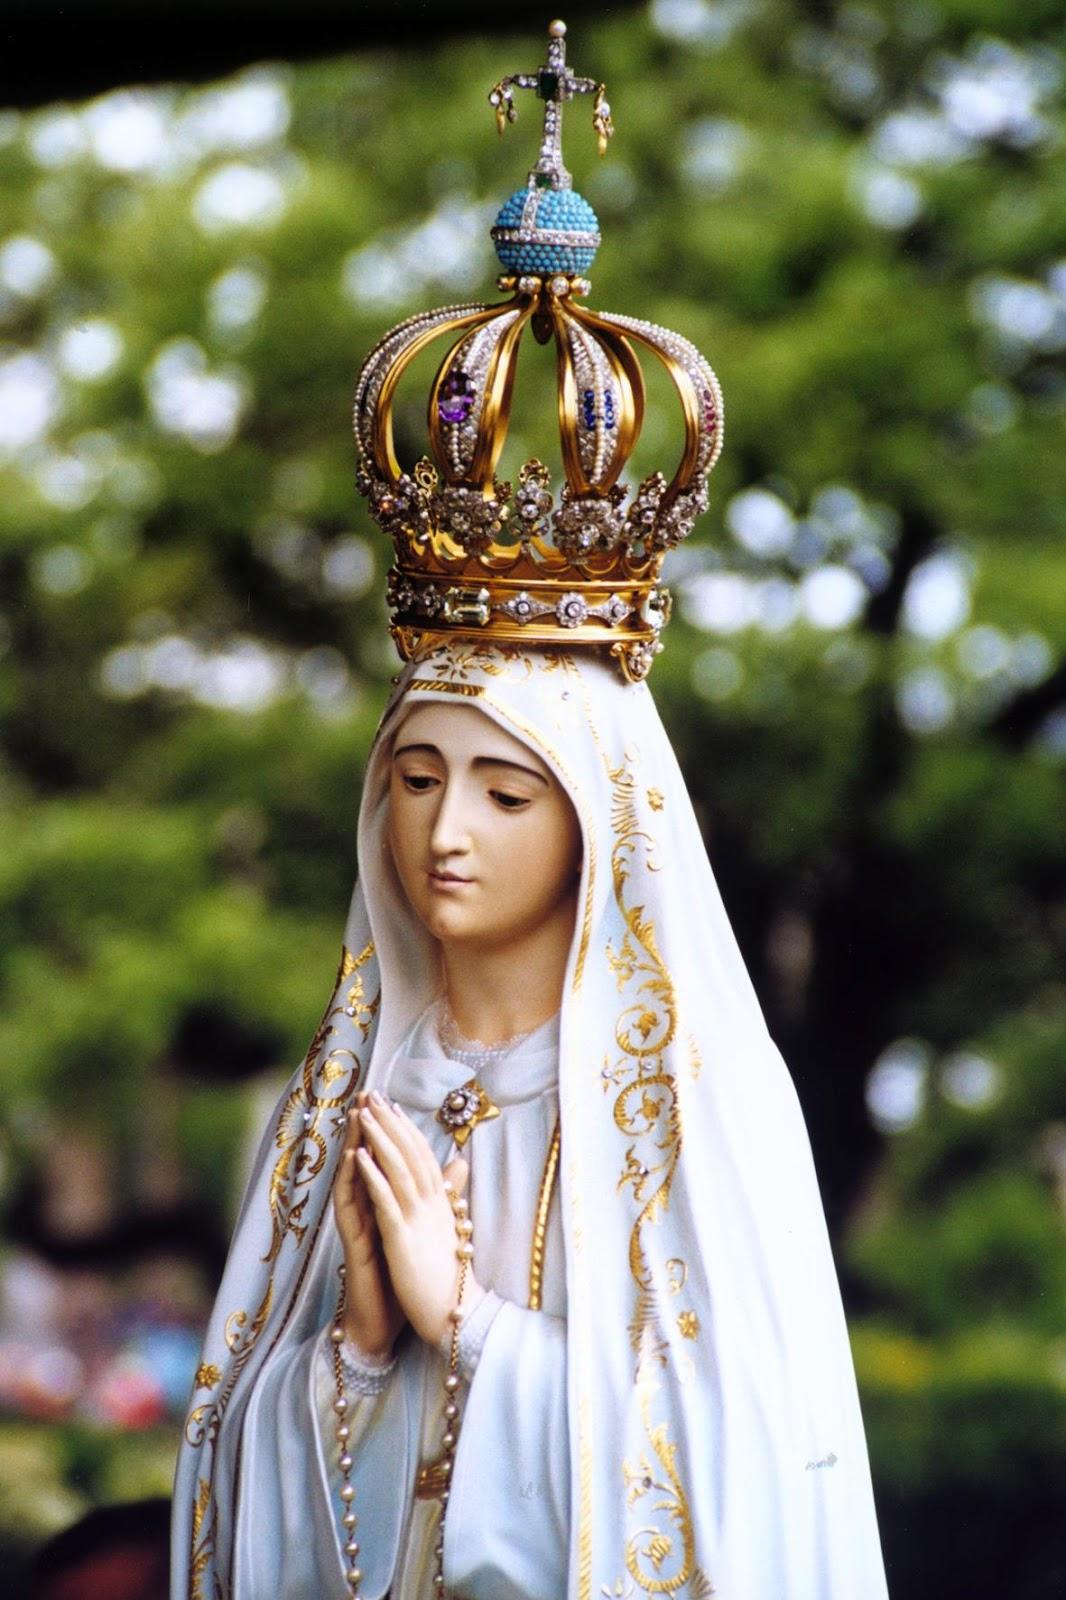 http://2.bp.blogspot.com/-FDkAnJdp7Ac/UYtGT9HVowI/AAAAAAAAGCk/KDJfOcuEsAs/s1600/Notre+Dame+de+Fatima.jpg